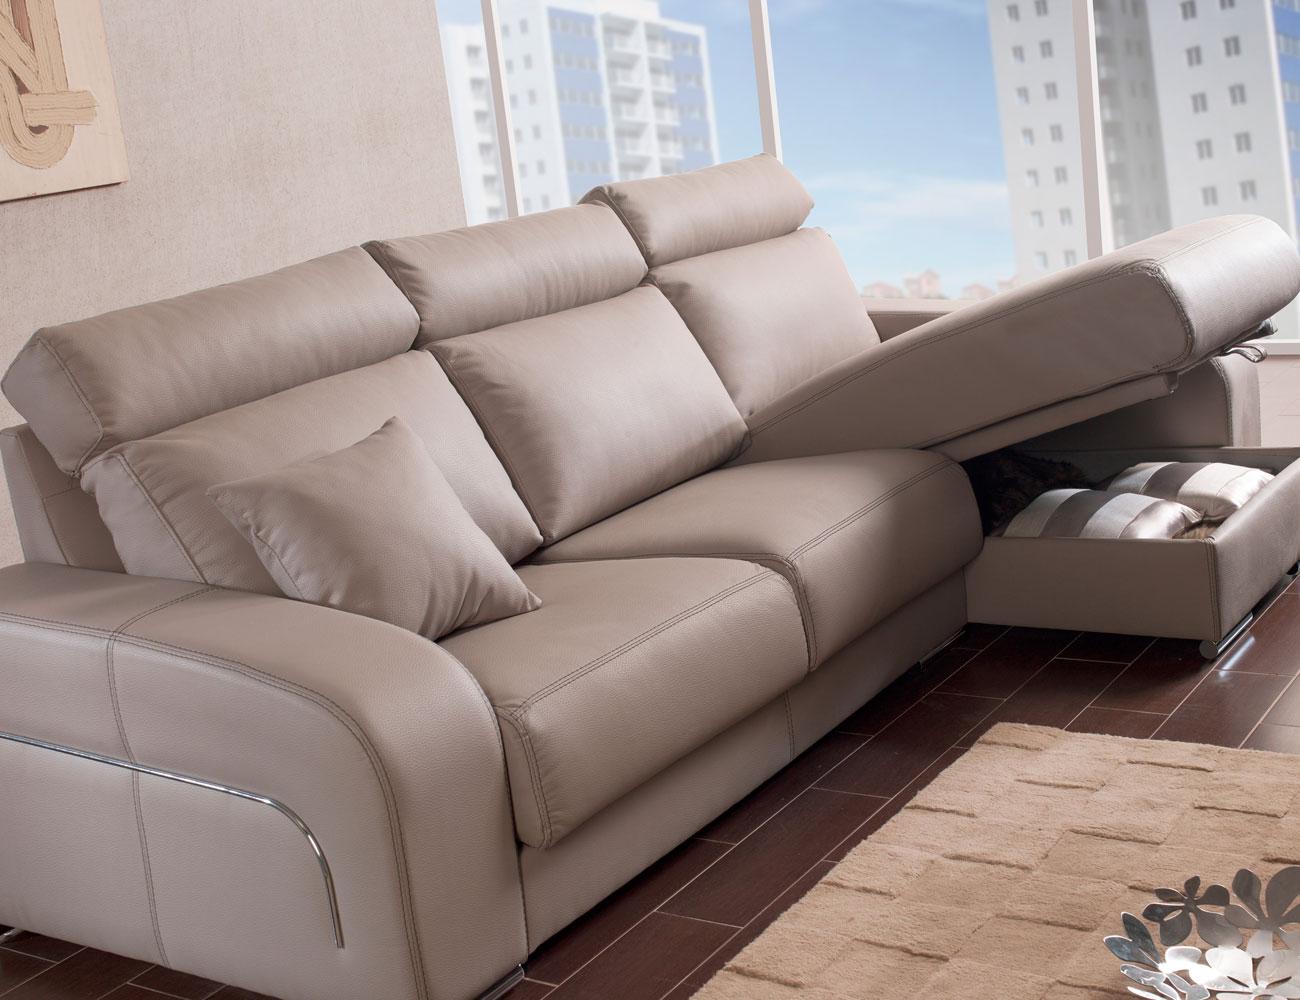 Sofa chaiselongue moderno pared cero arcon36